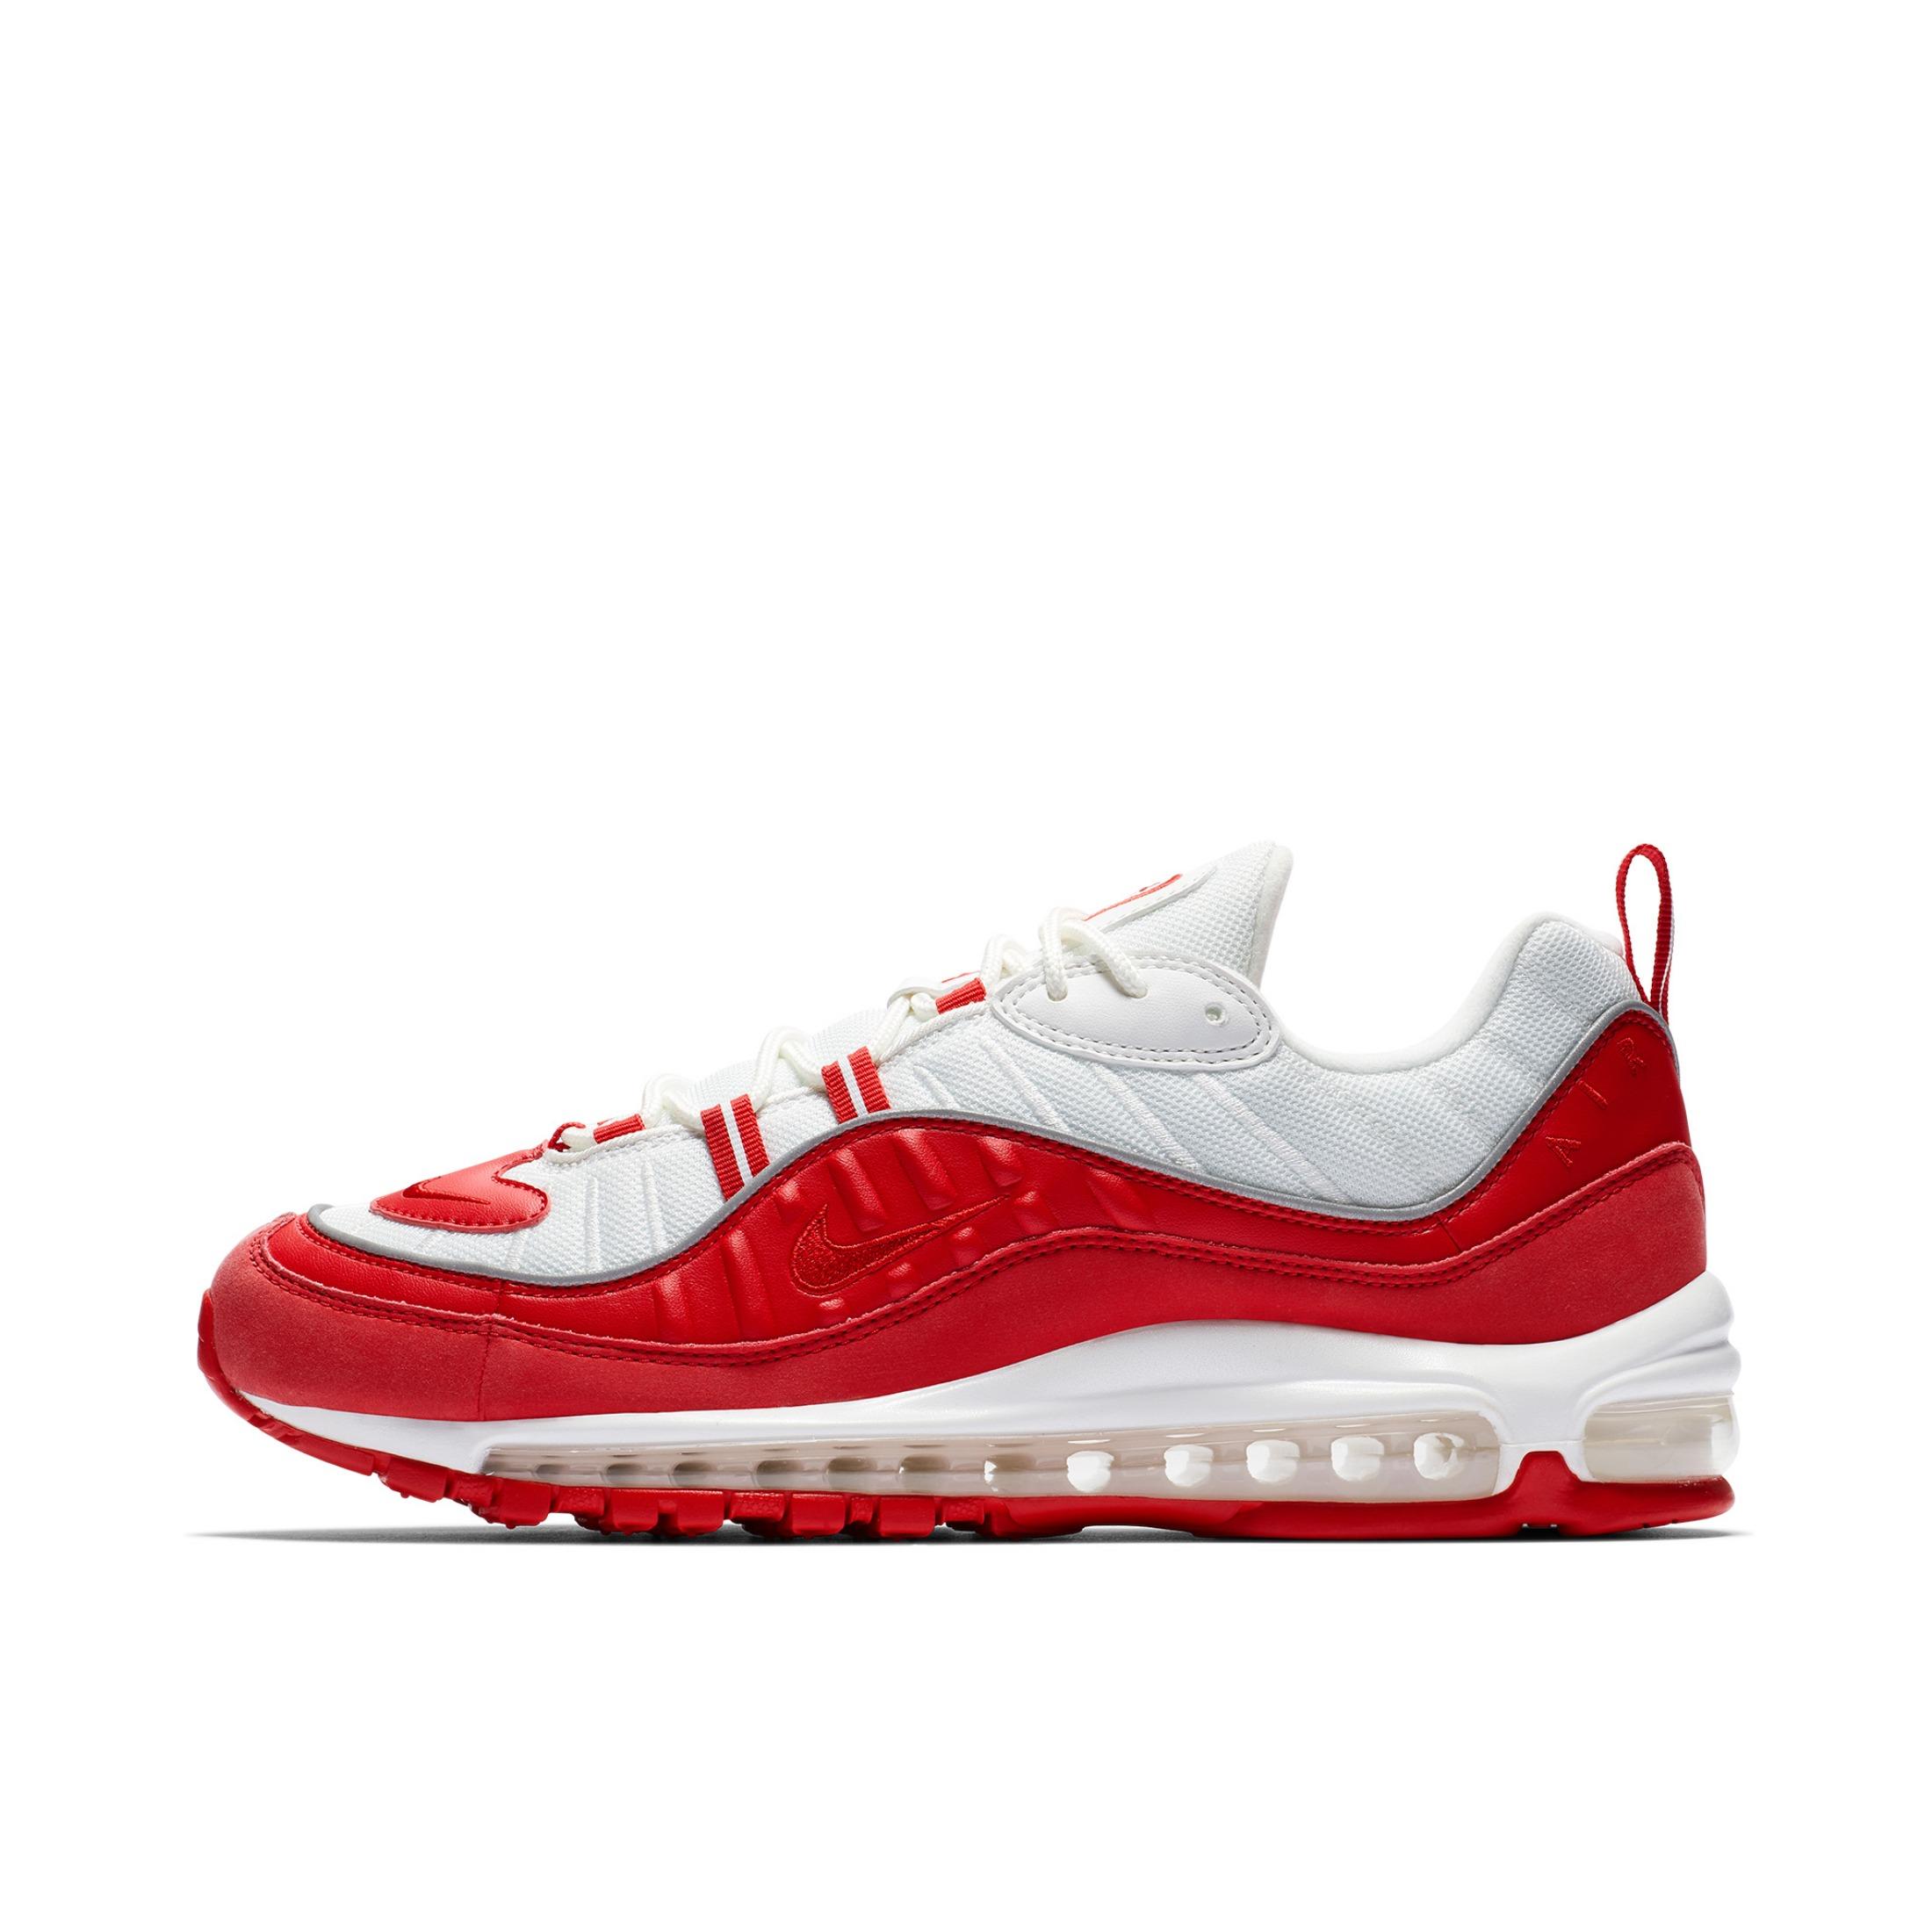 Nike Air Max 98 大学红 实付到手599